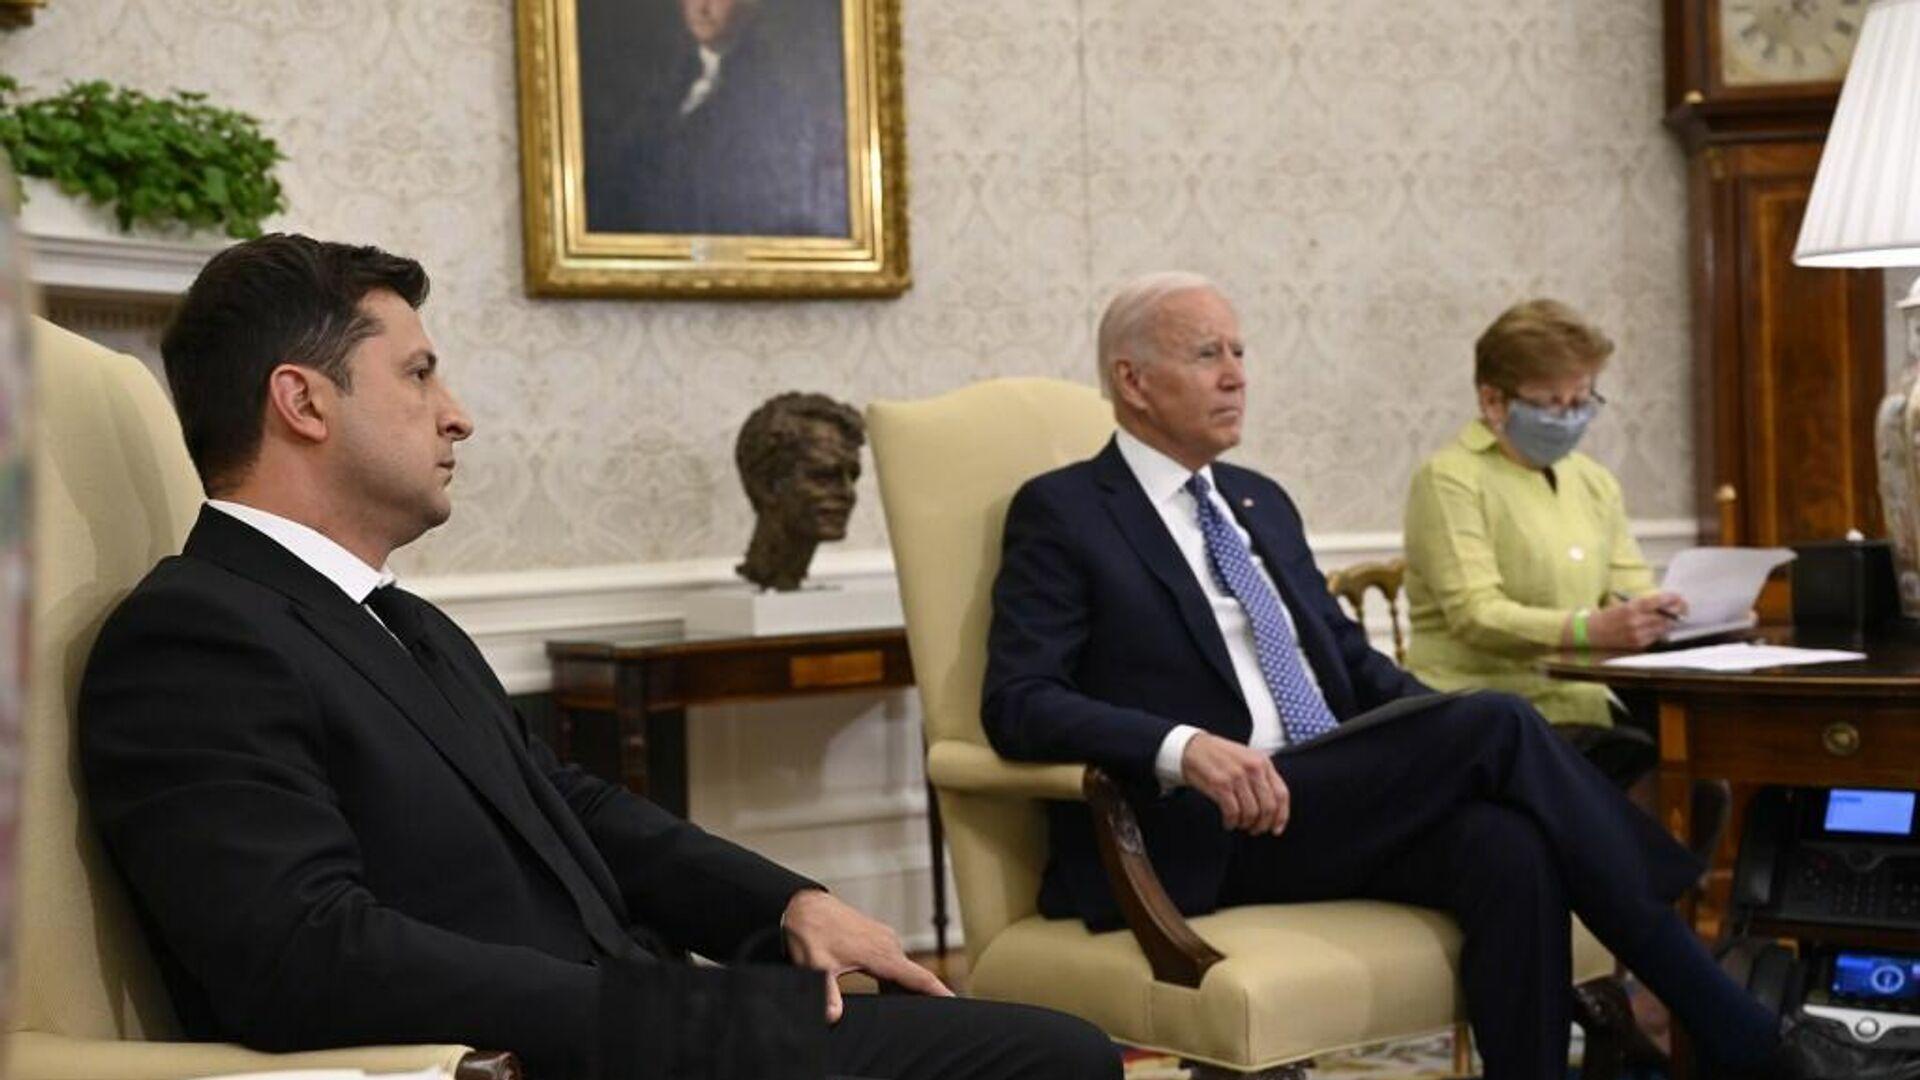 Президент Украины Владимир Зеленский и президент США Джо Байден во время встречи в Белом доме - РИА Новости, 1920, 02.09.2021